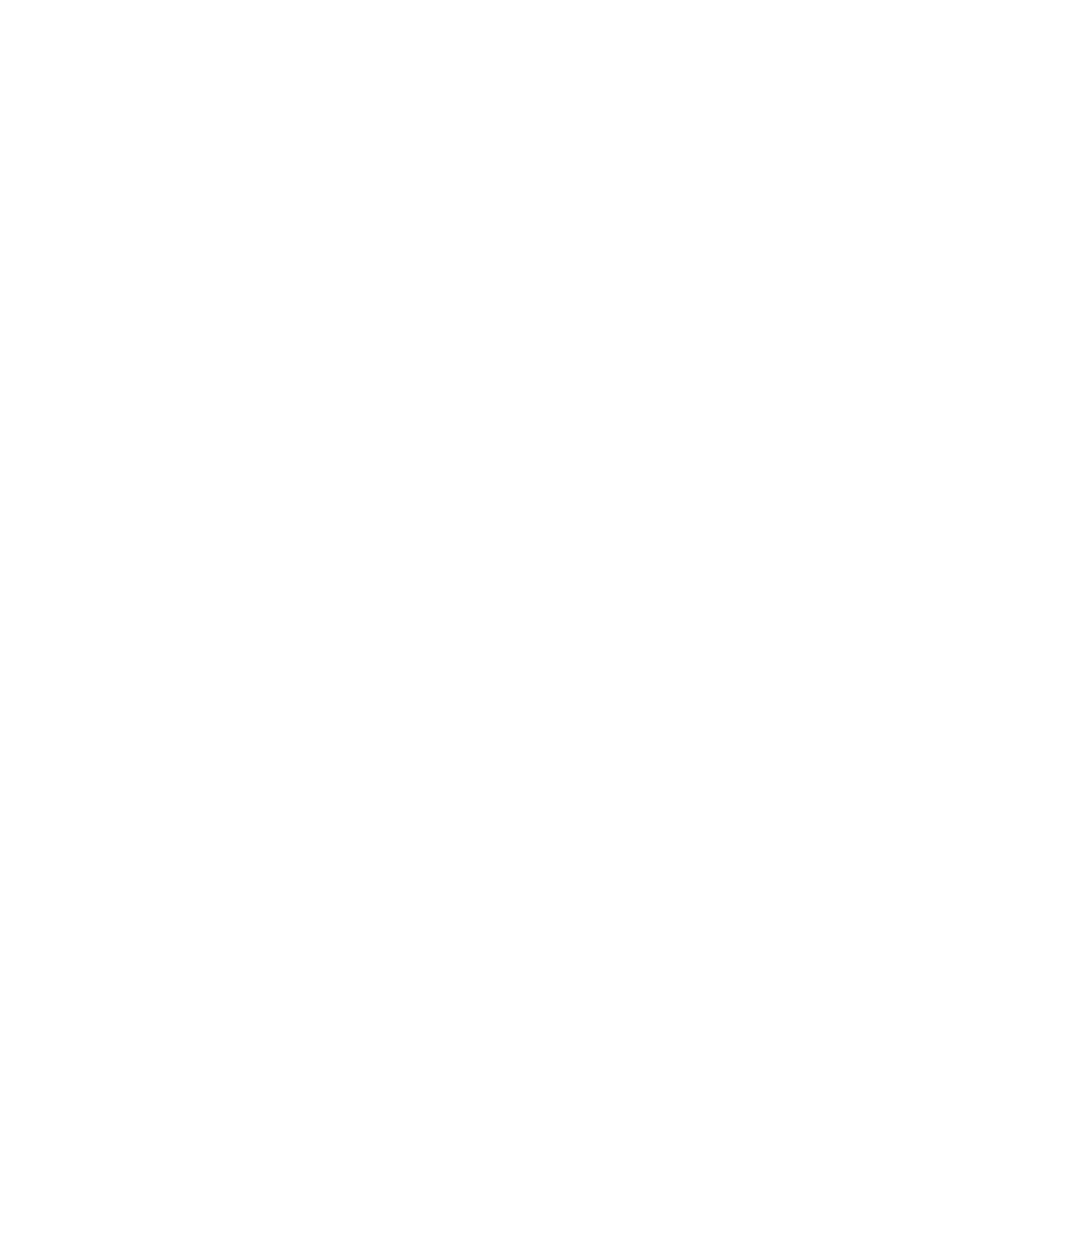 mapa003_en